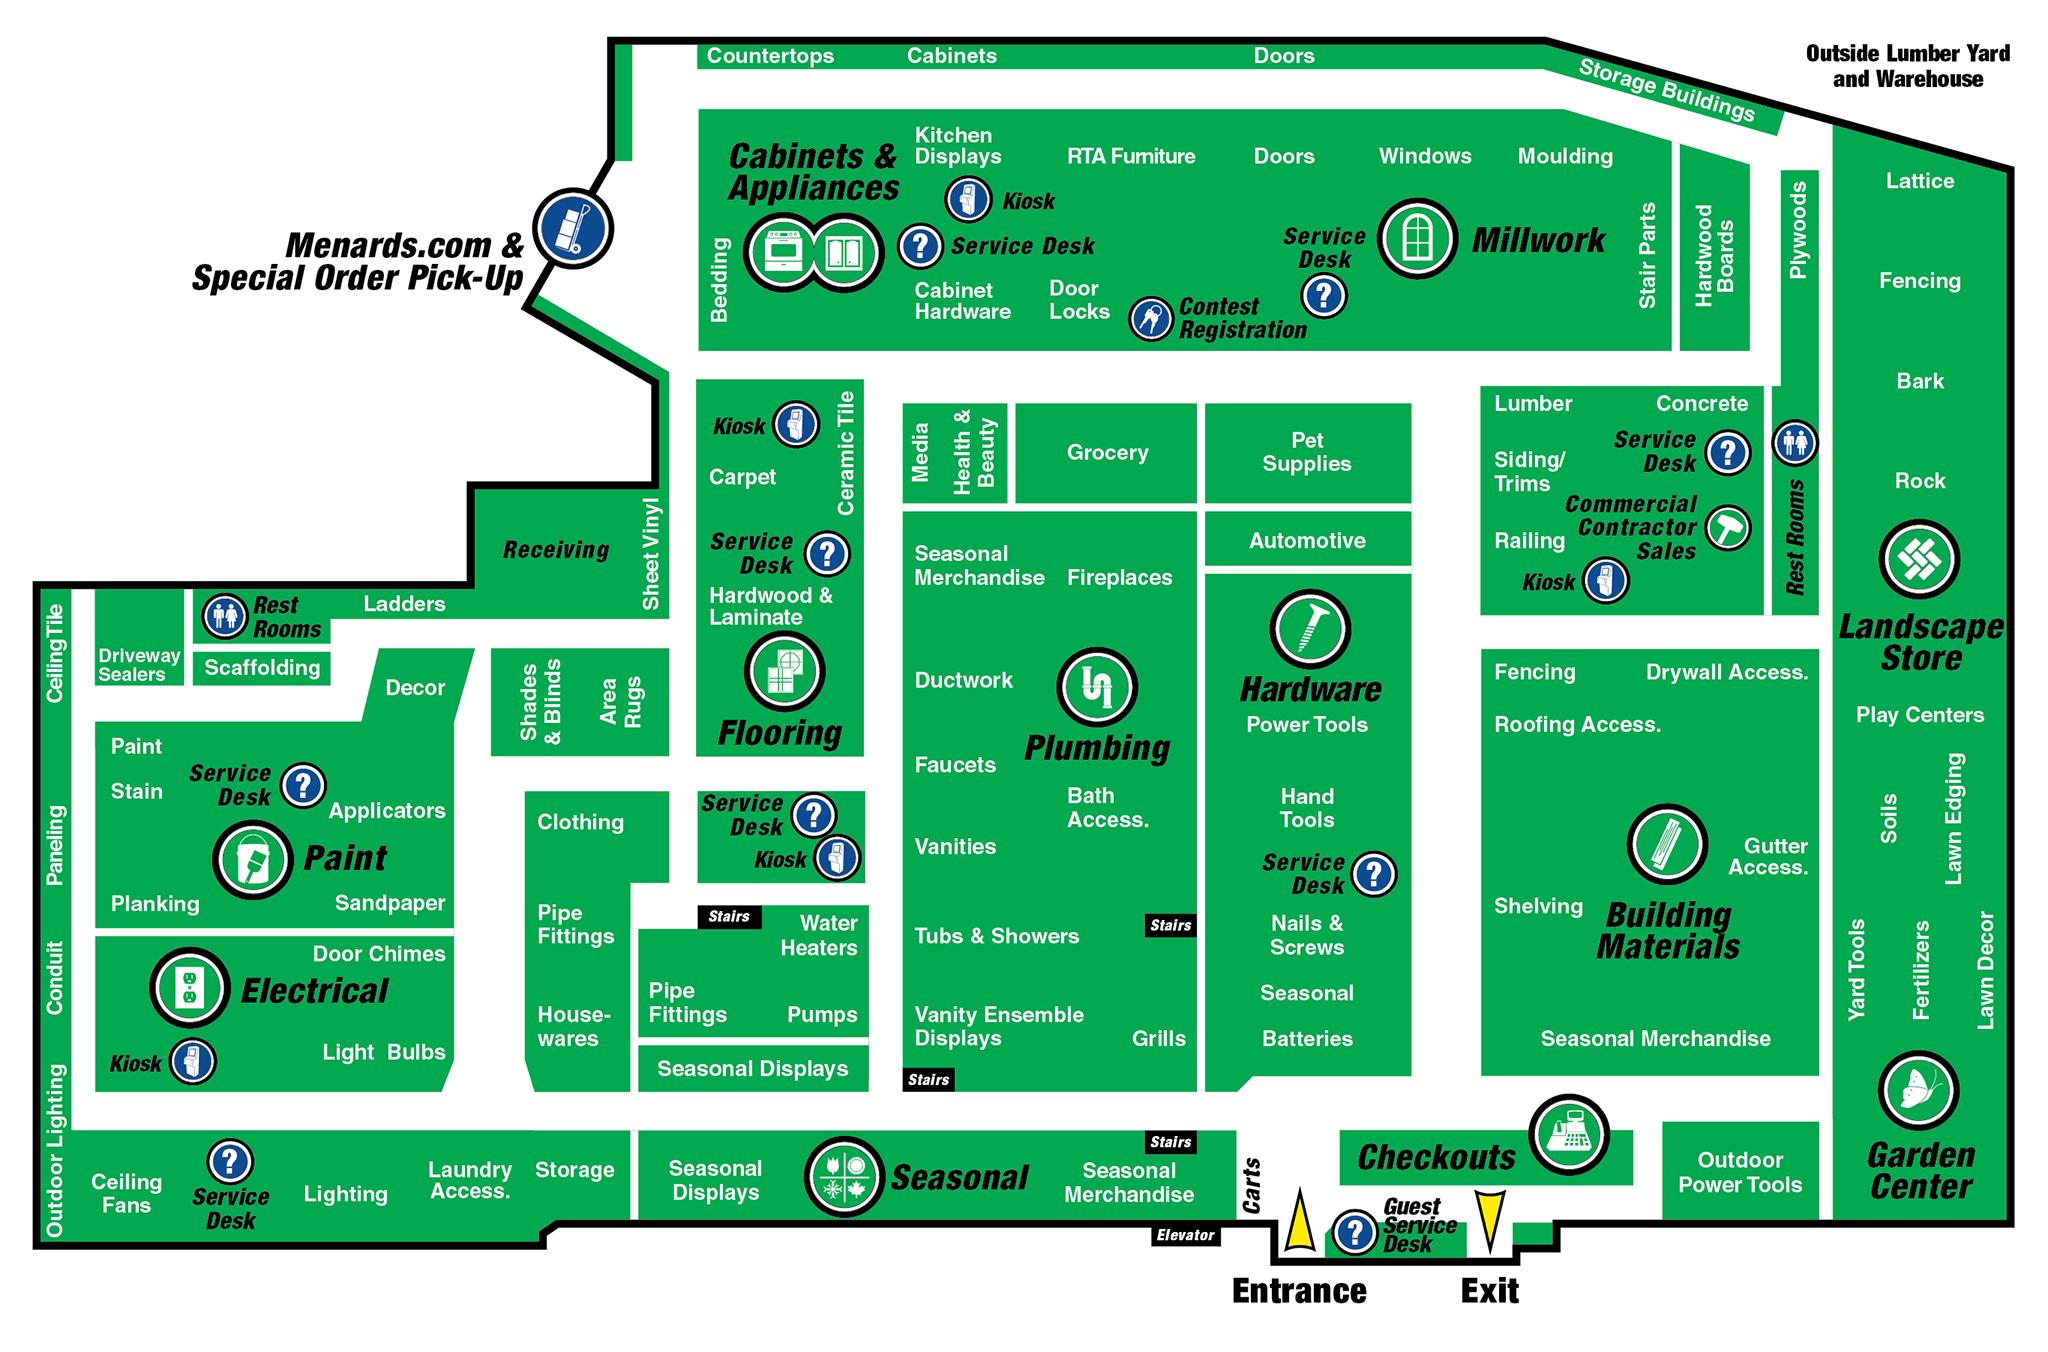 Shop All Departments At Menards